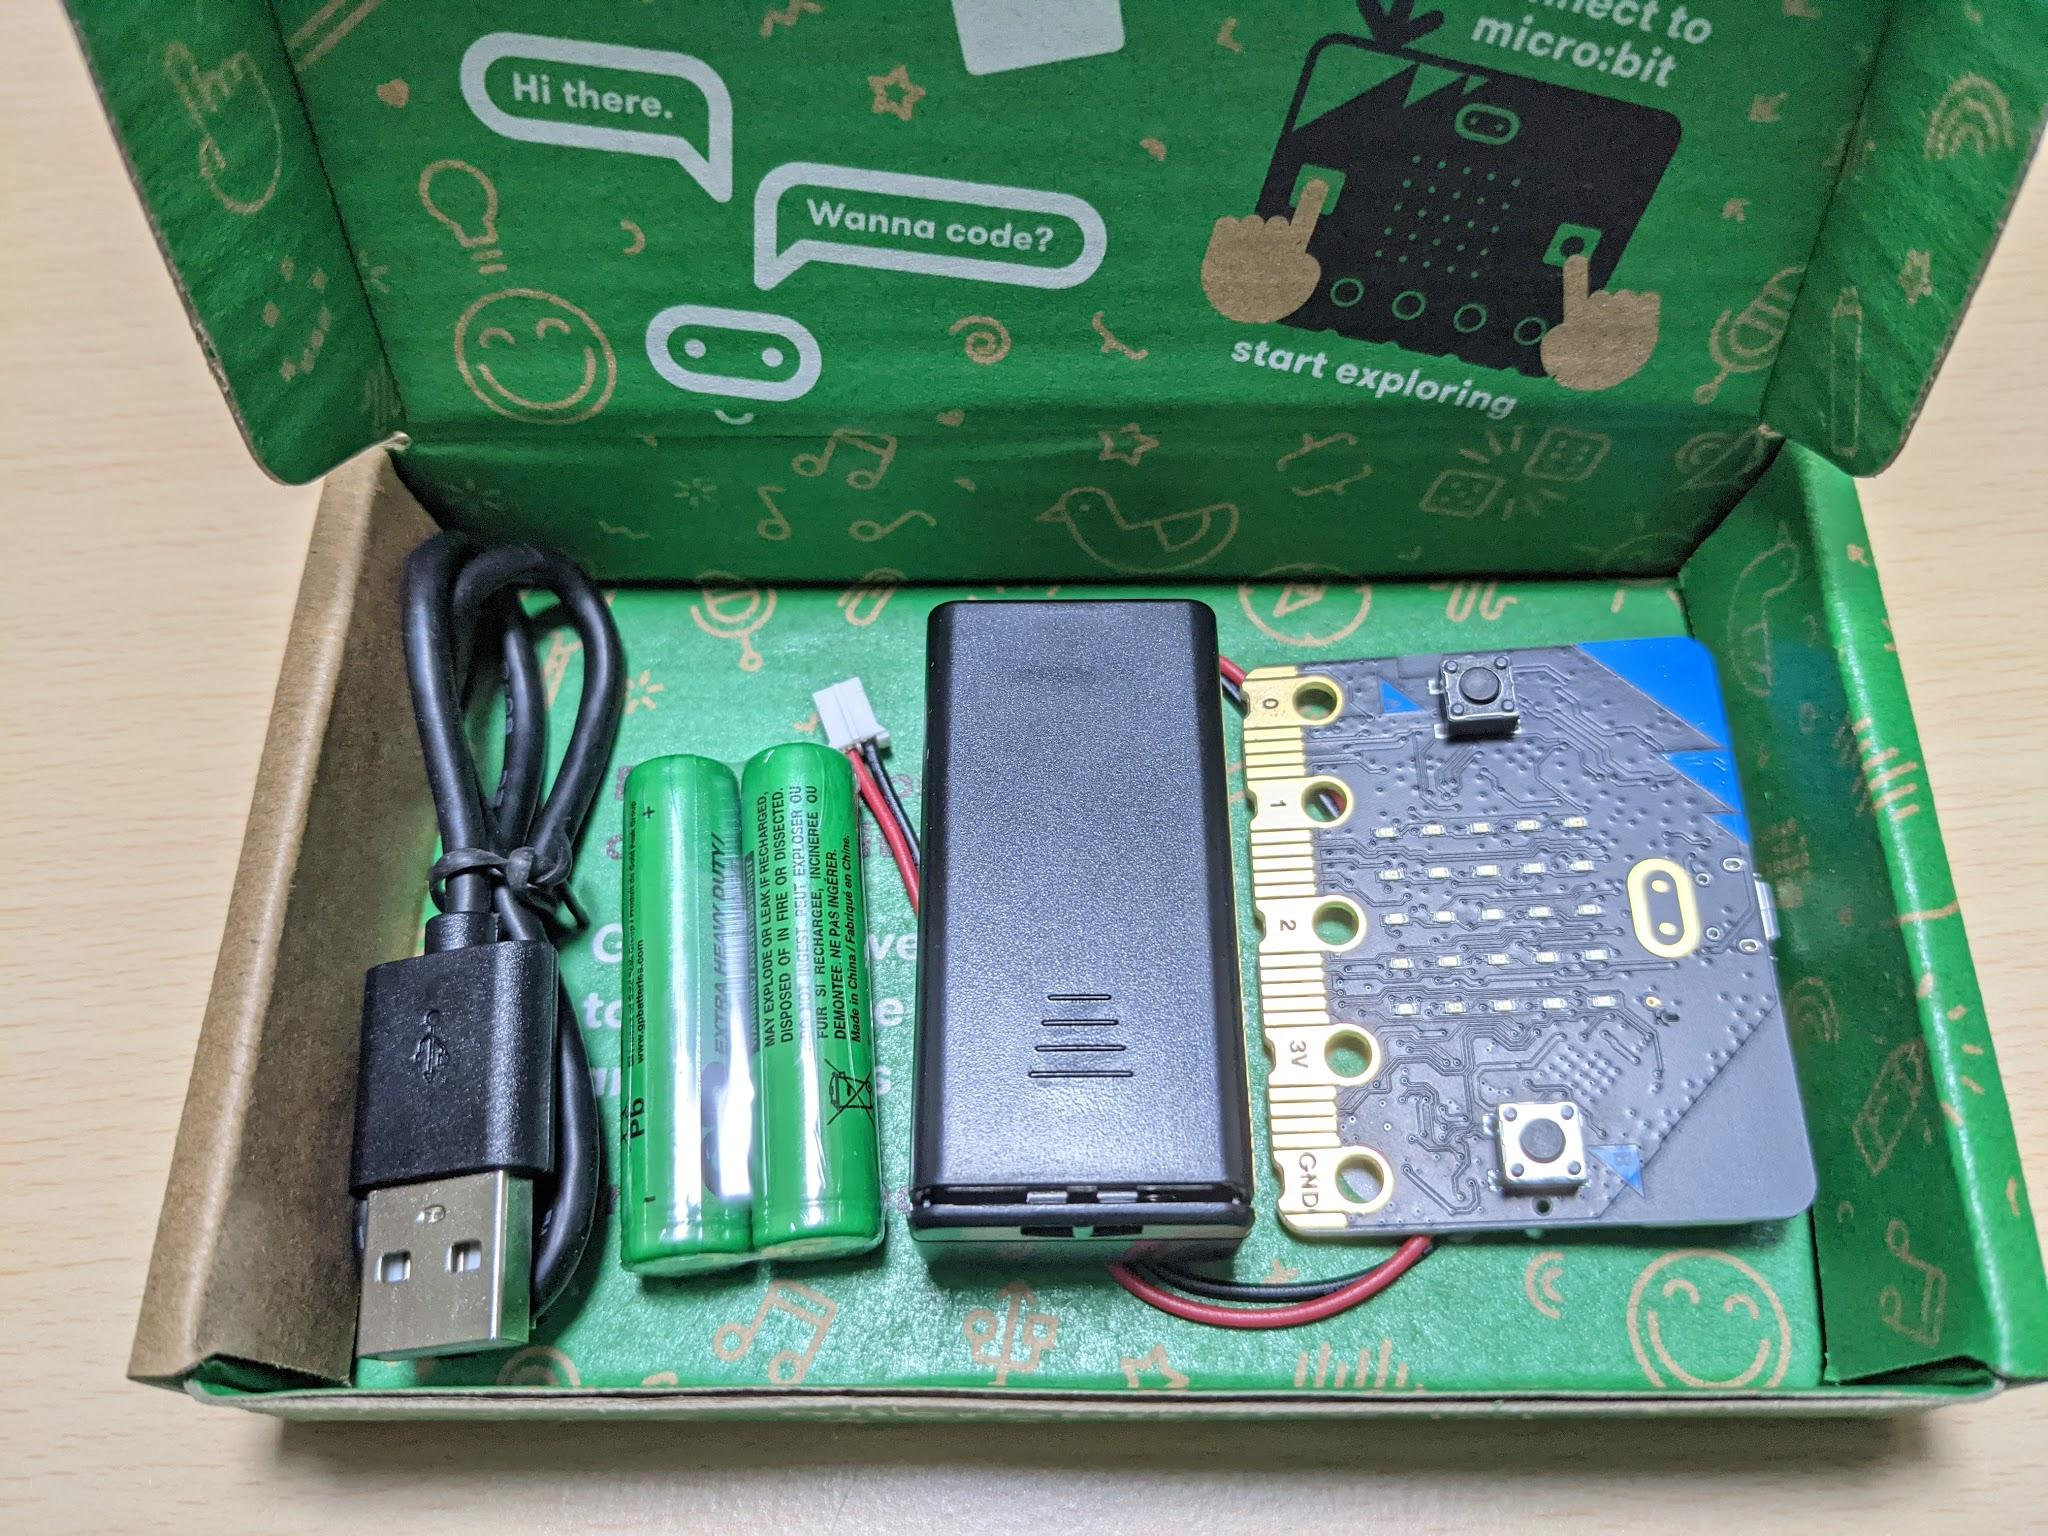 今回はmicro:bitとセットで販売されているケーブルを使いますが、micro:bitを単品で購入した場合は給電とデータ通信に対応したMicro USBケーブルを用意してください